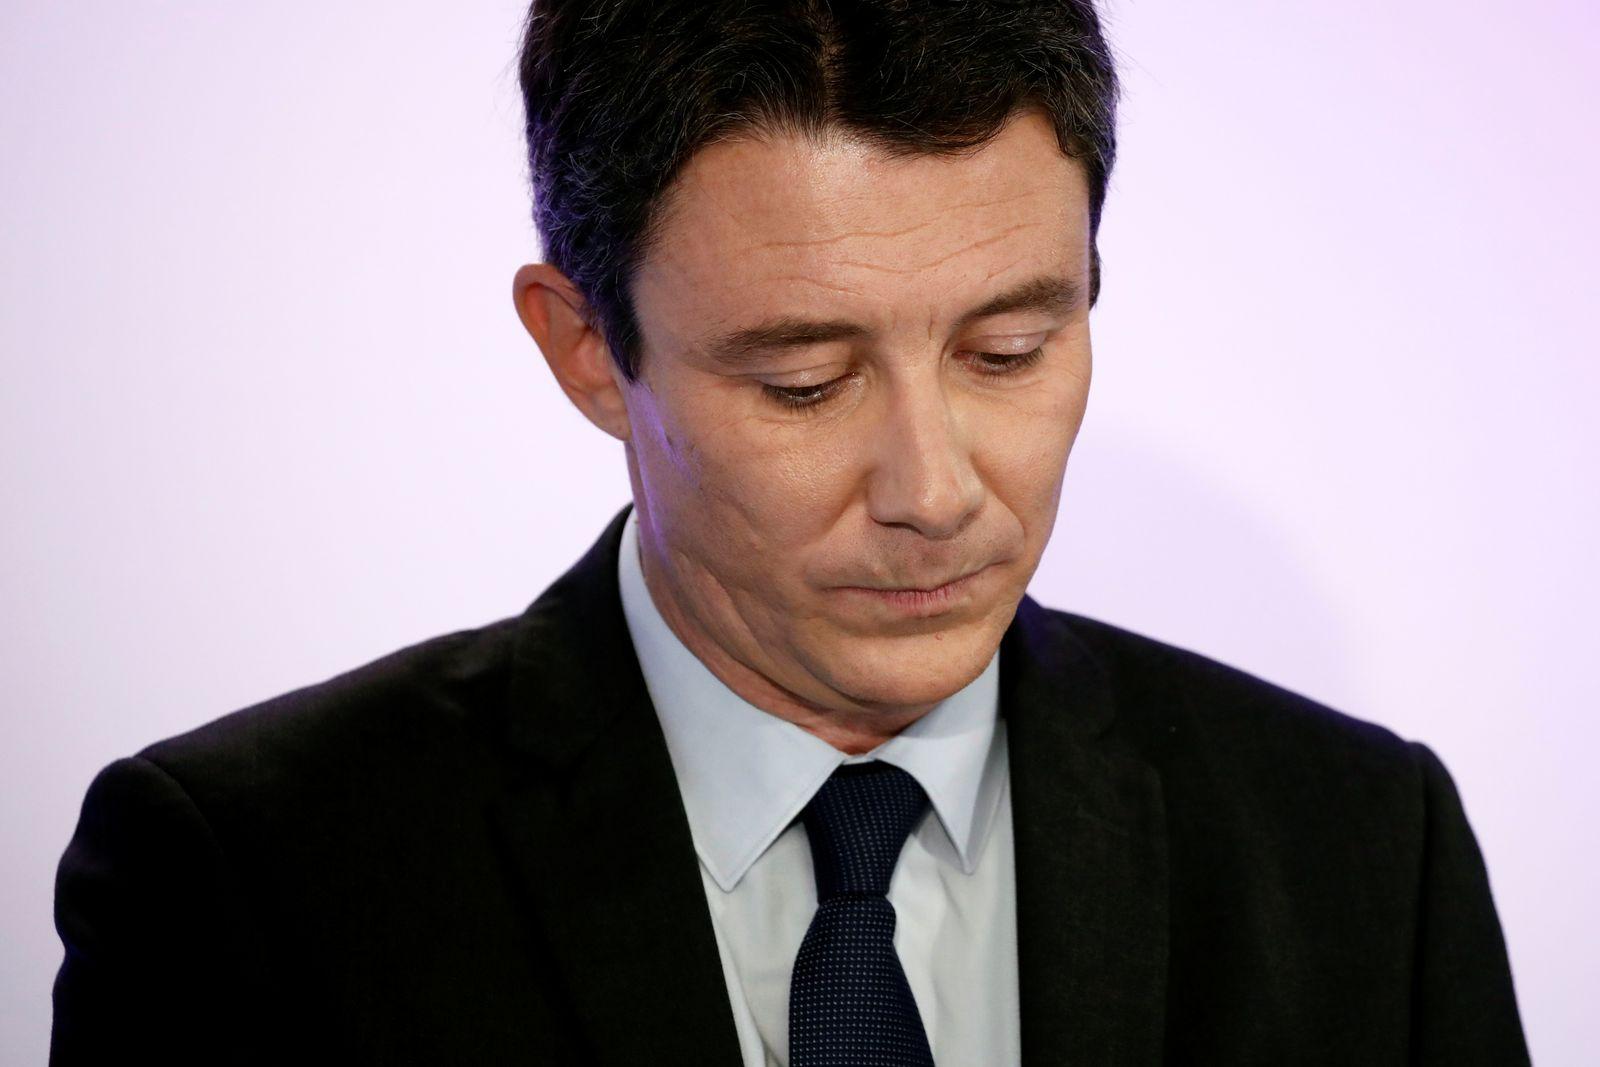 Benjamin Griveaux, La Republique En Marche (LREM) candidate for the upcoming Paris mayoral election, attends a news conference in Paris